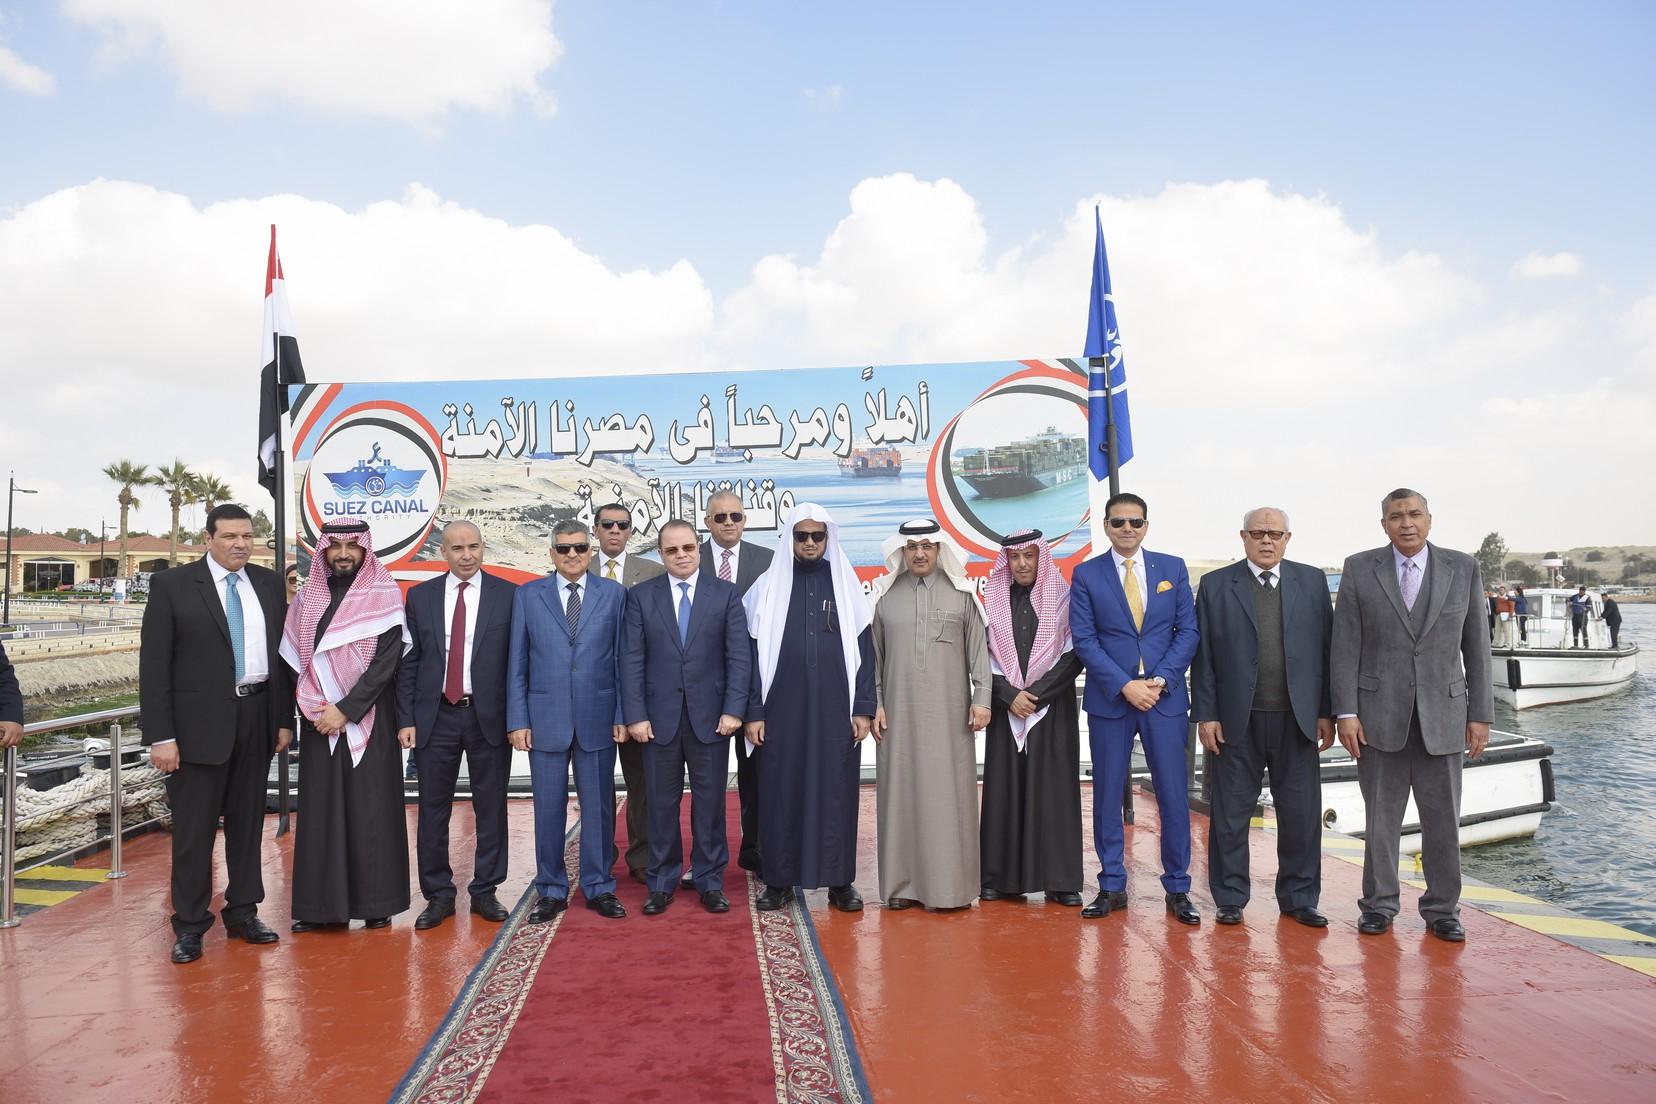 الفريق أسامة ربيع يستقبل النائب العام المصرى والسعودي (2)